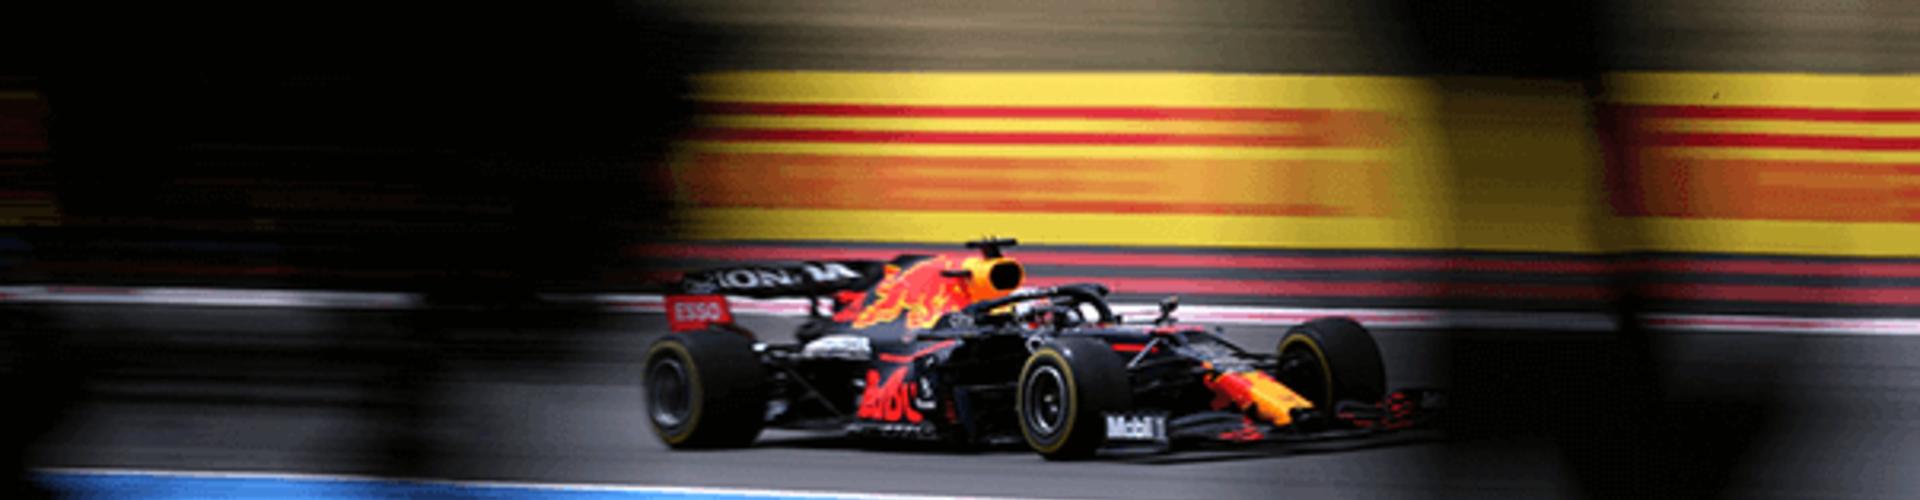 Verstappen verslaat Hamilton in bloedstollende GP van Frankrijk